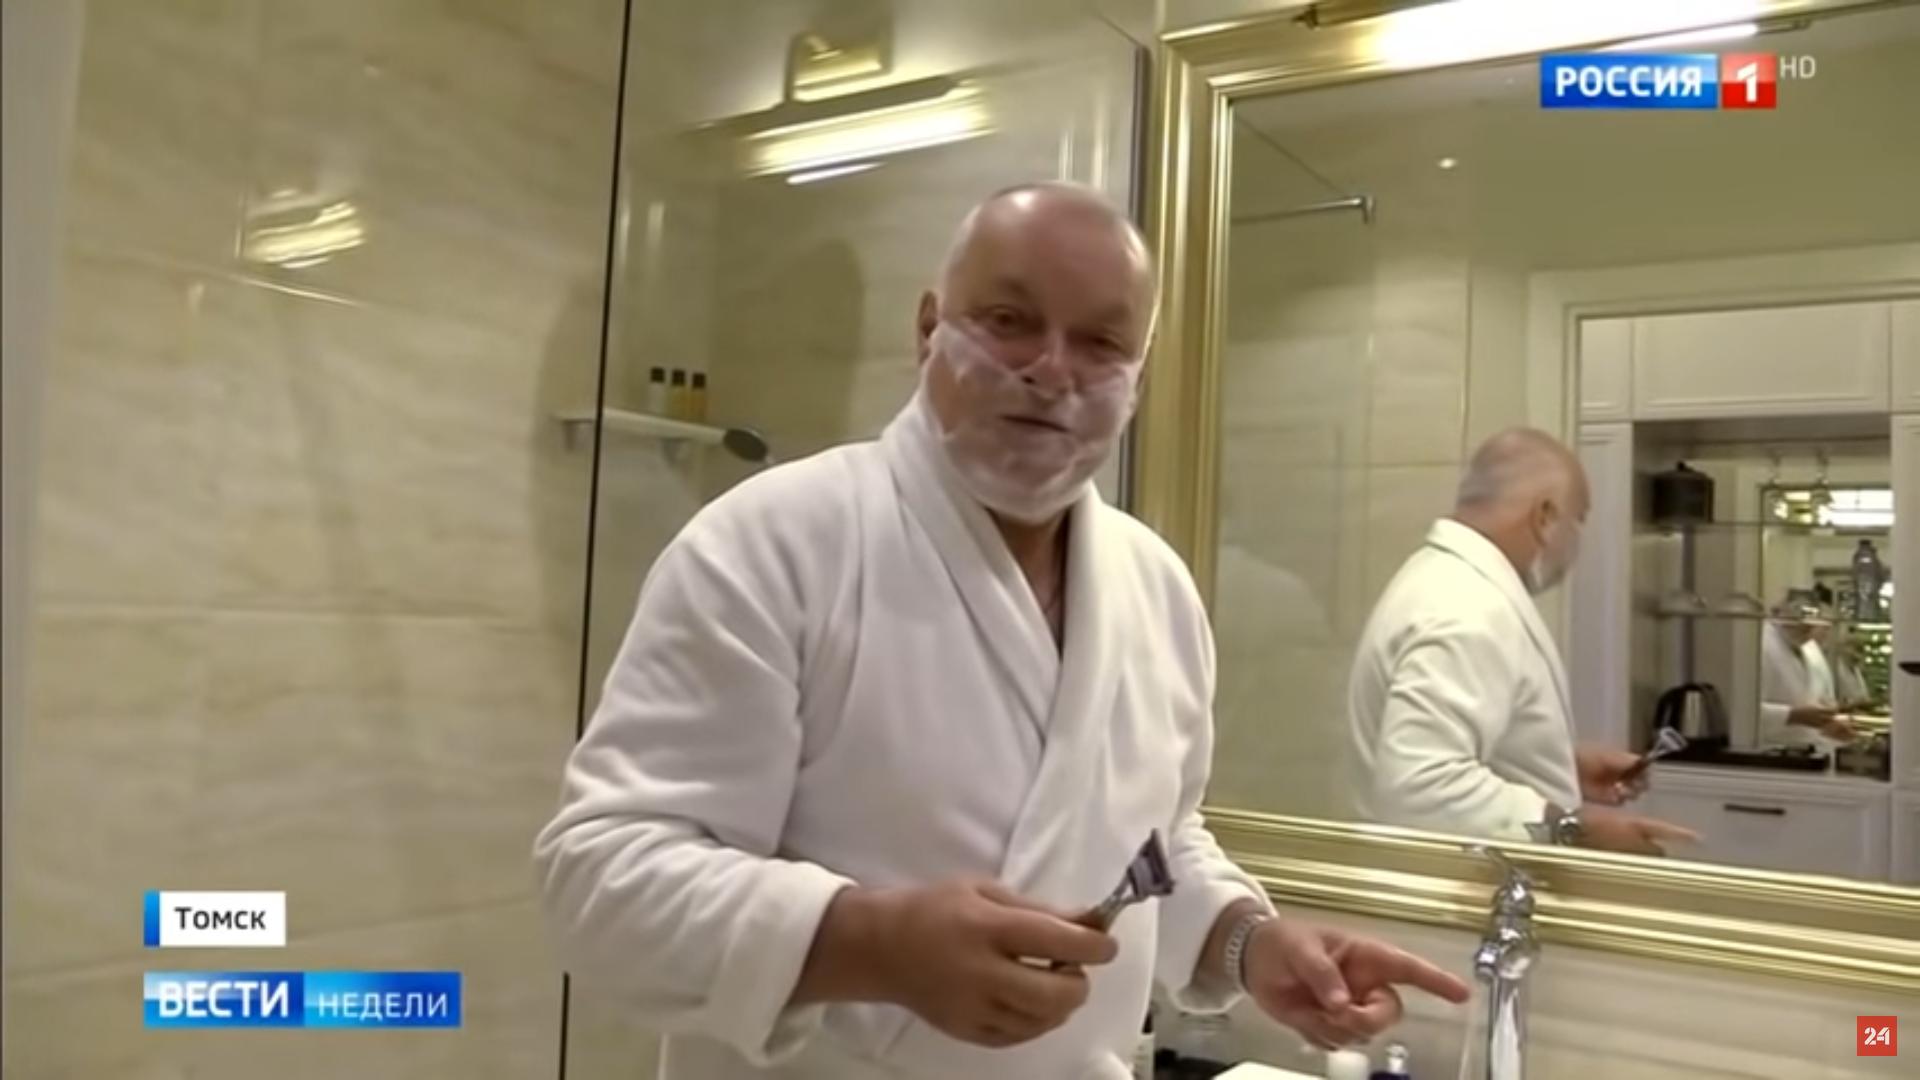 Киселев «брезгливо» переночевал в номере Навального в томском отеле